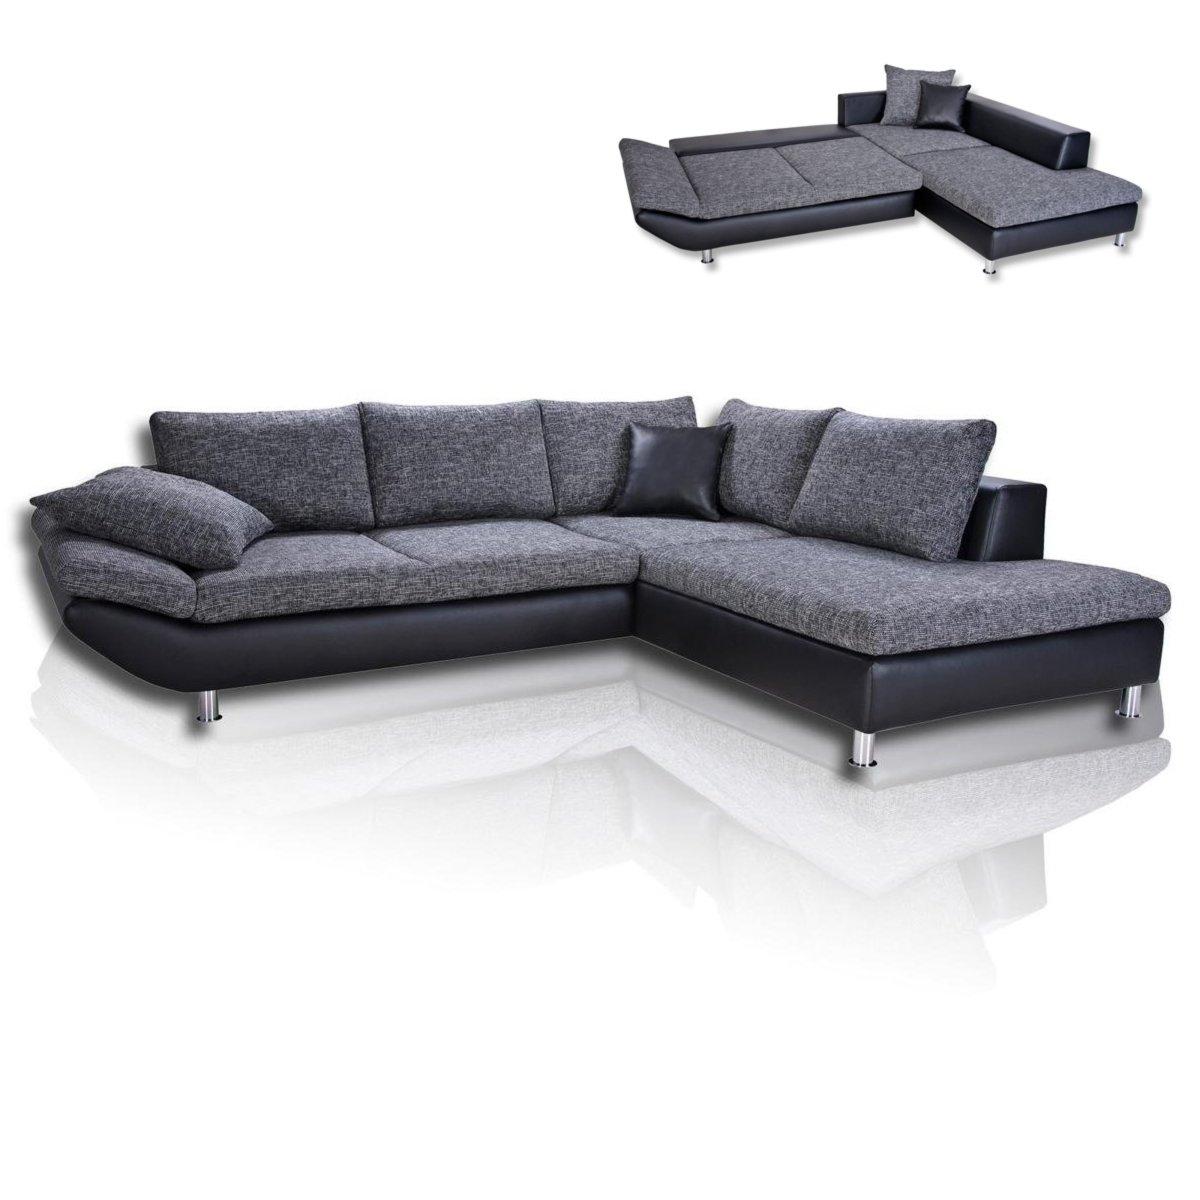 eckcouch mit liegefunktion designer ecksofas preisvergleiche erfahrungsberichte und kauf bei. Black Bedroom Furniture Sets. Home Design Ideas